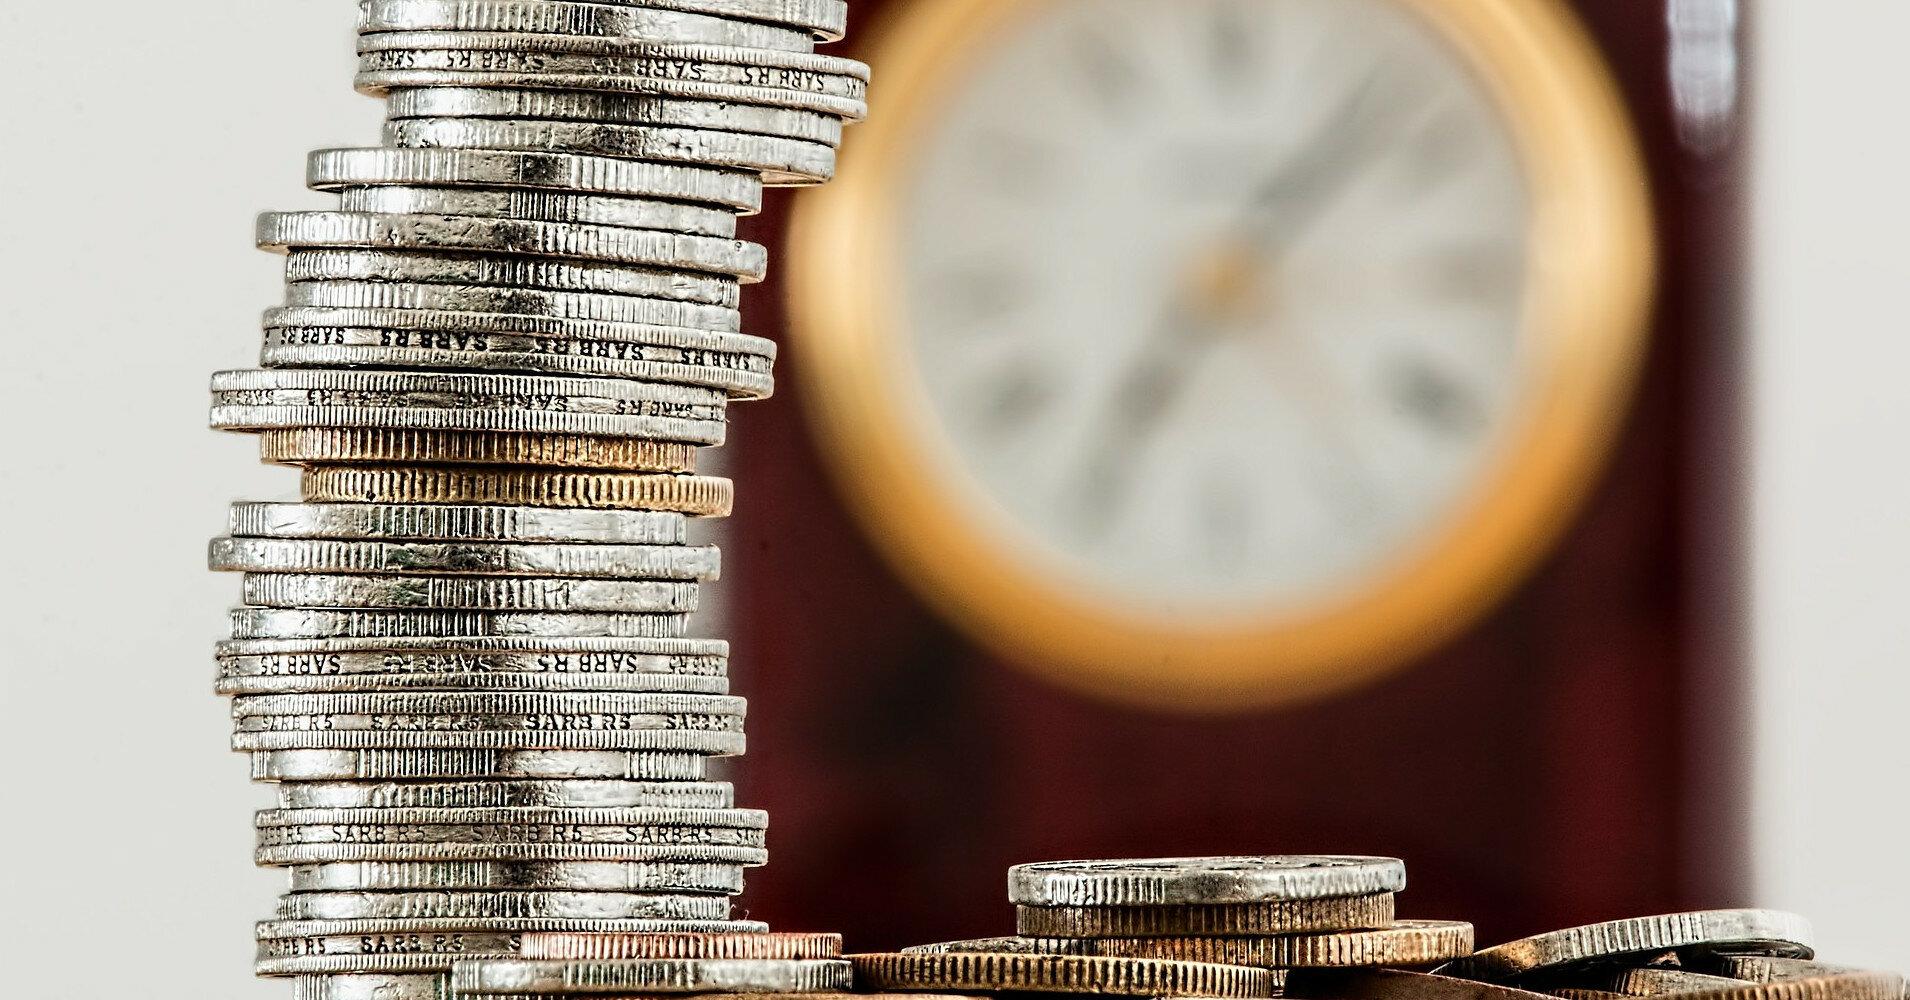 Банки продолжают избавляться от проблемных кредитов